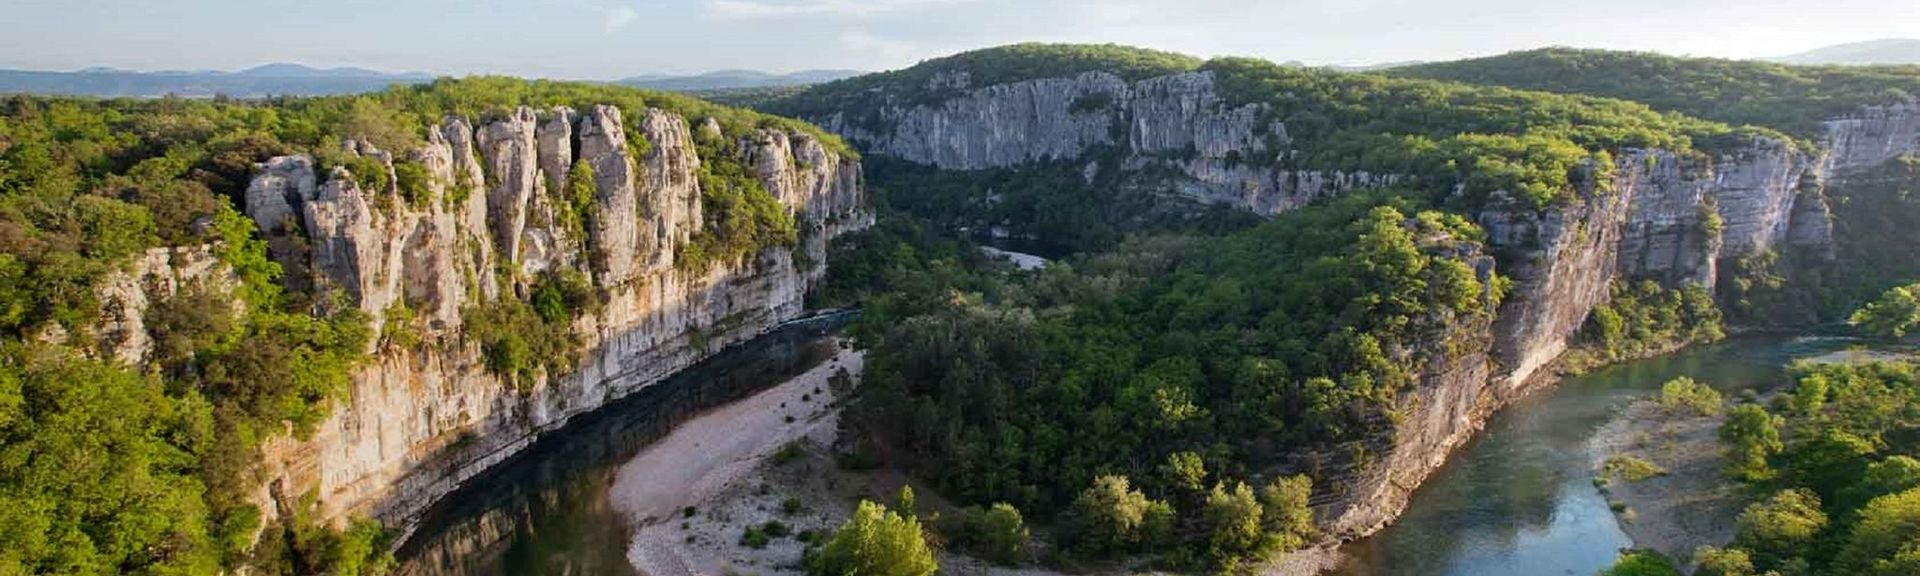 Pourchères, Ardèche (département), France